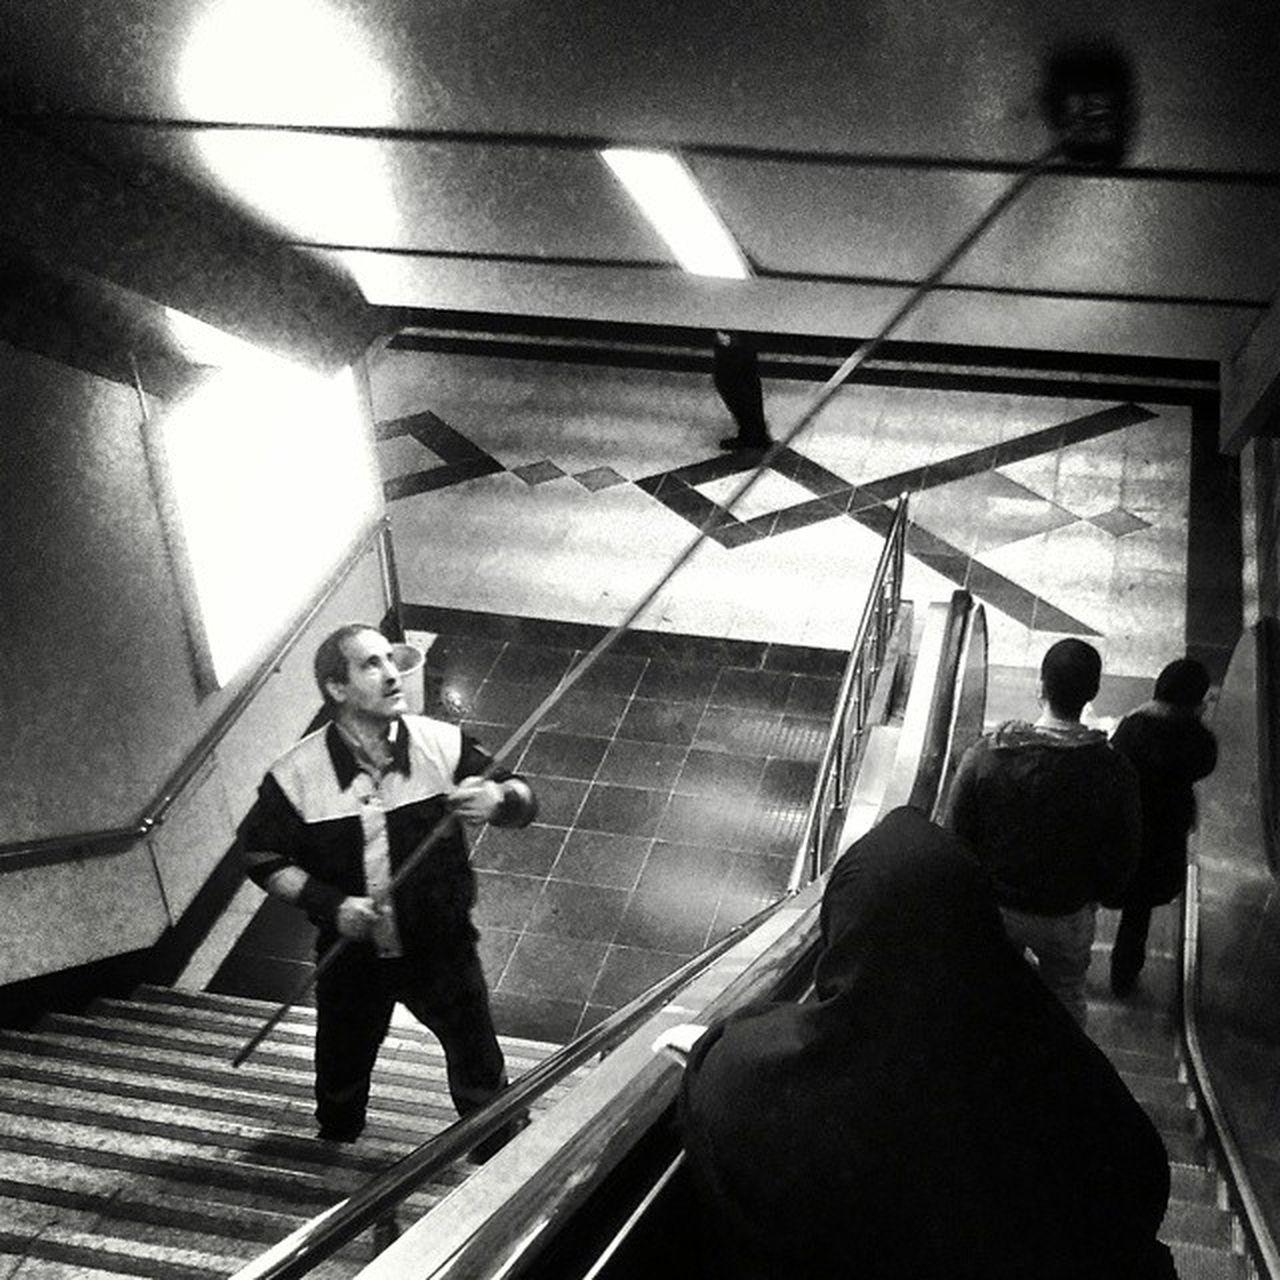 Tehran Metro 2015